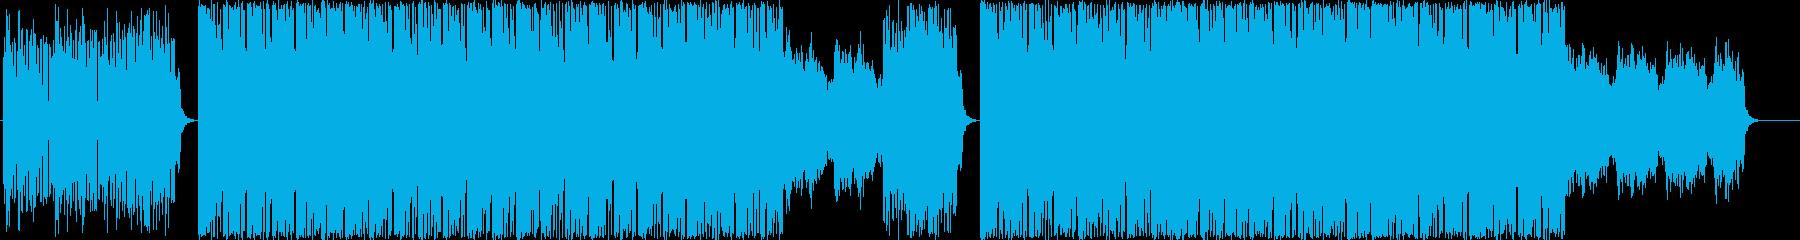 エレクトロニックフュージョンの再生済みの波形